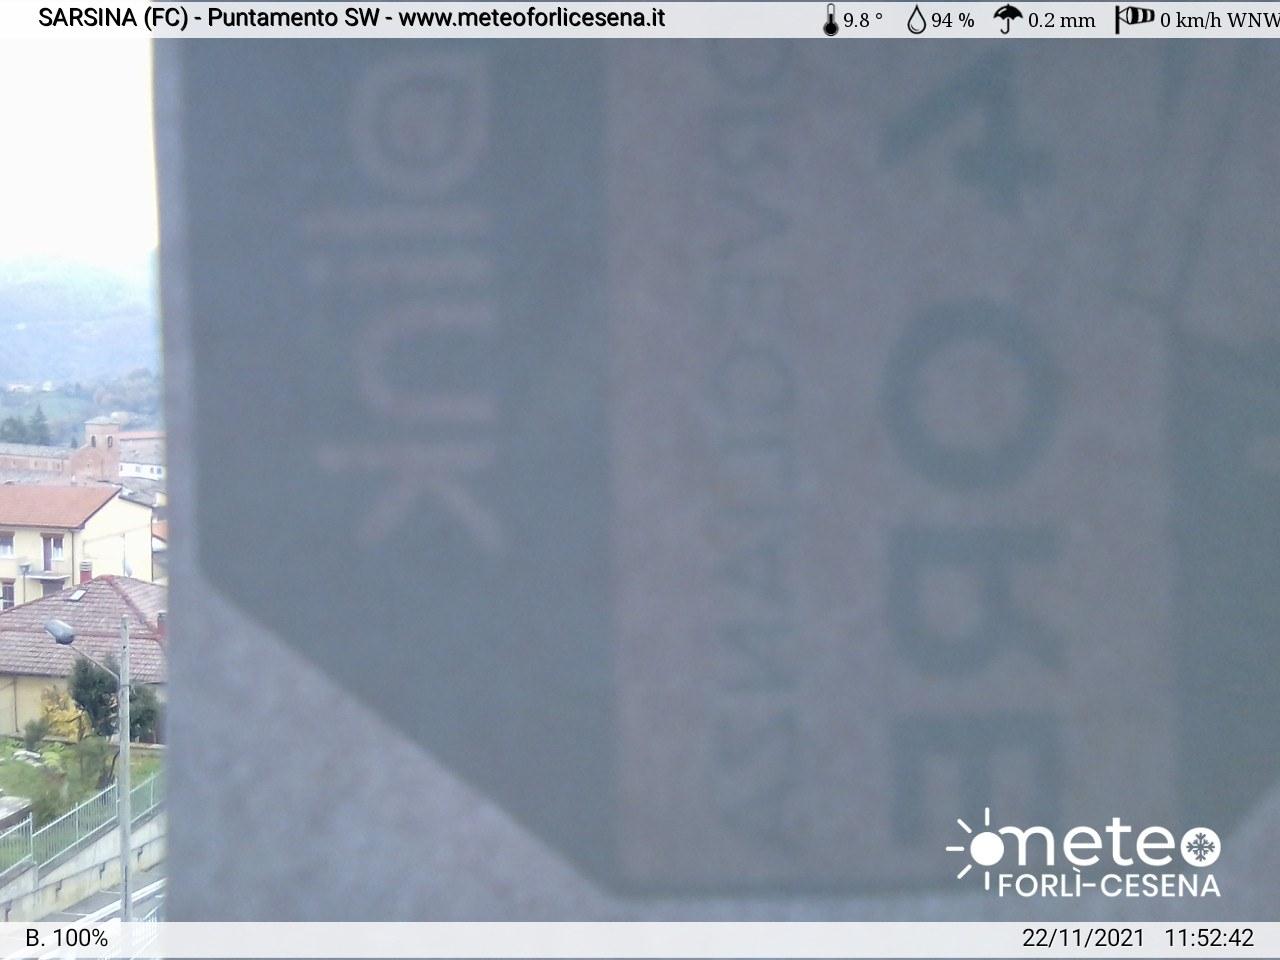 Per vedere la webcam occorre modificare le impostazioni di sicurezza per questo sito